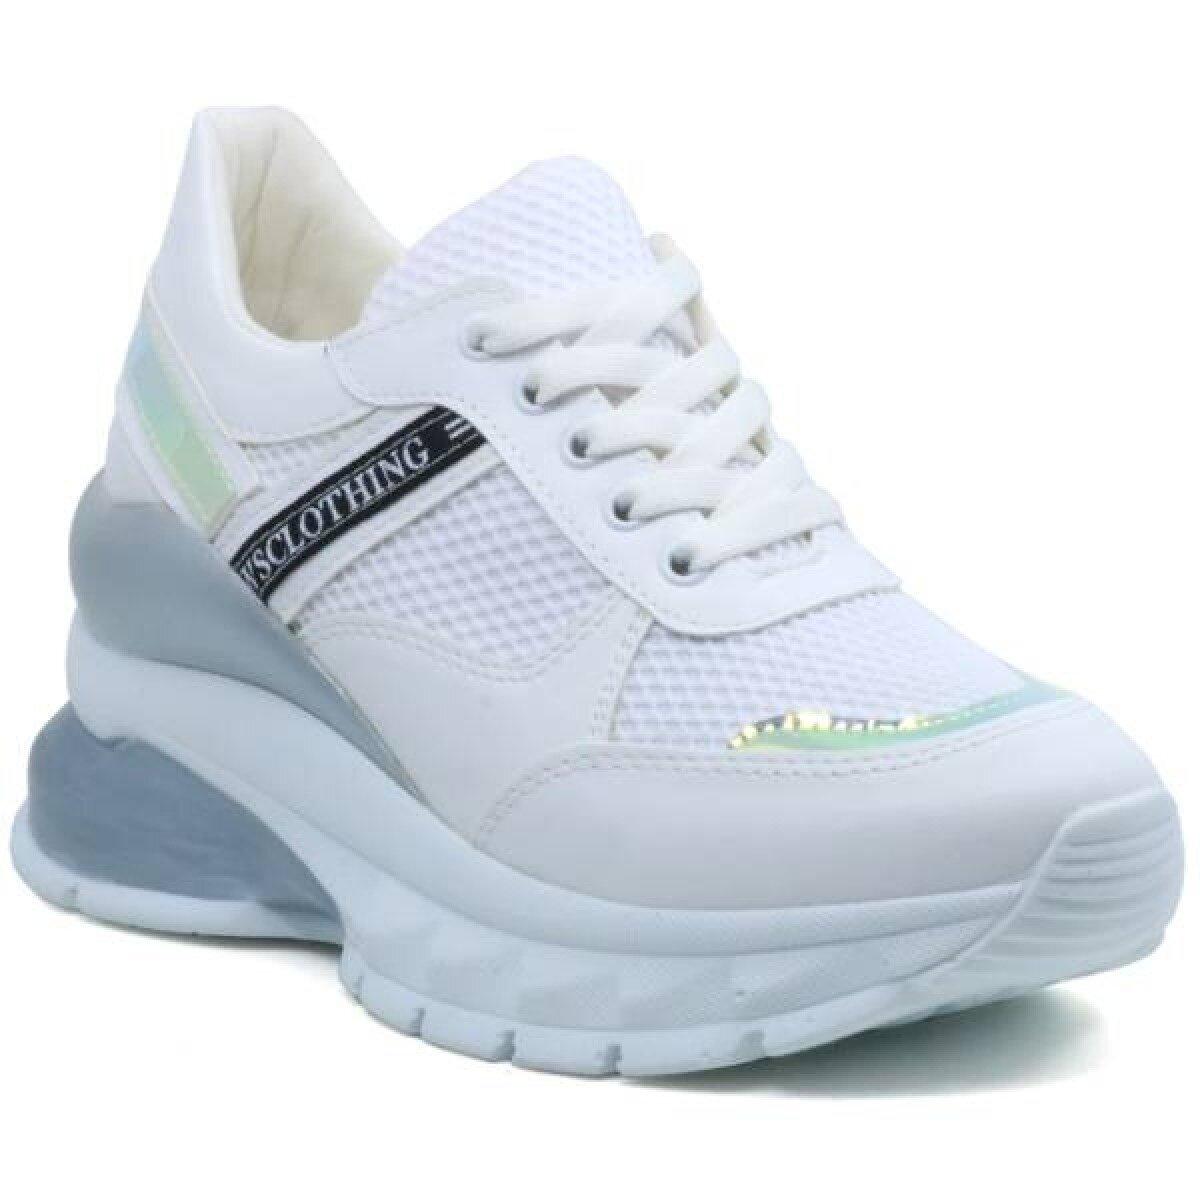 Modalite Net Flo Filla Yuksek Taban Dolgu Taban Kadin Spor Ayakkabi Yazili Beyaz